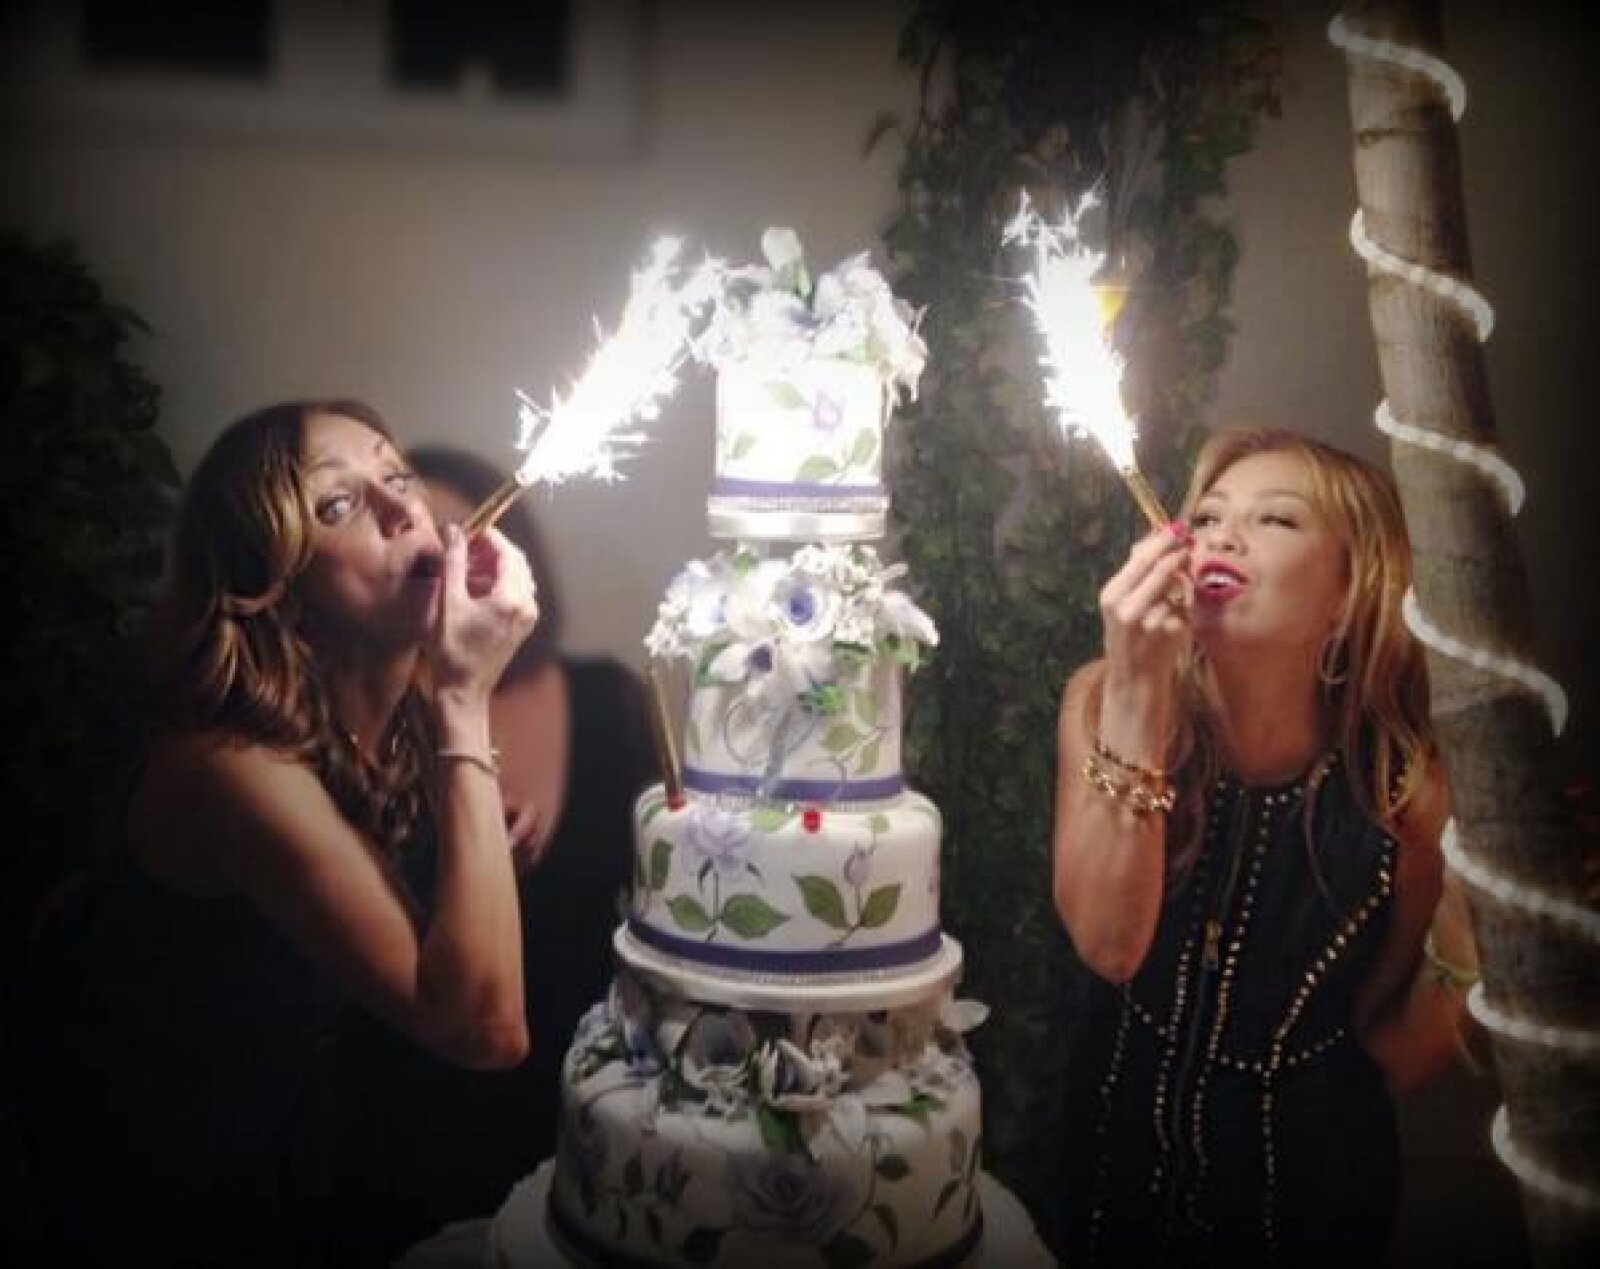 El pastel, creación de la pastelería Divine Delicacies Cakes, era toda una obra.